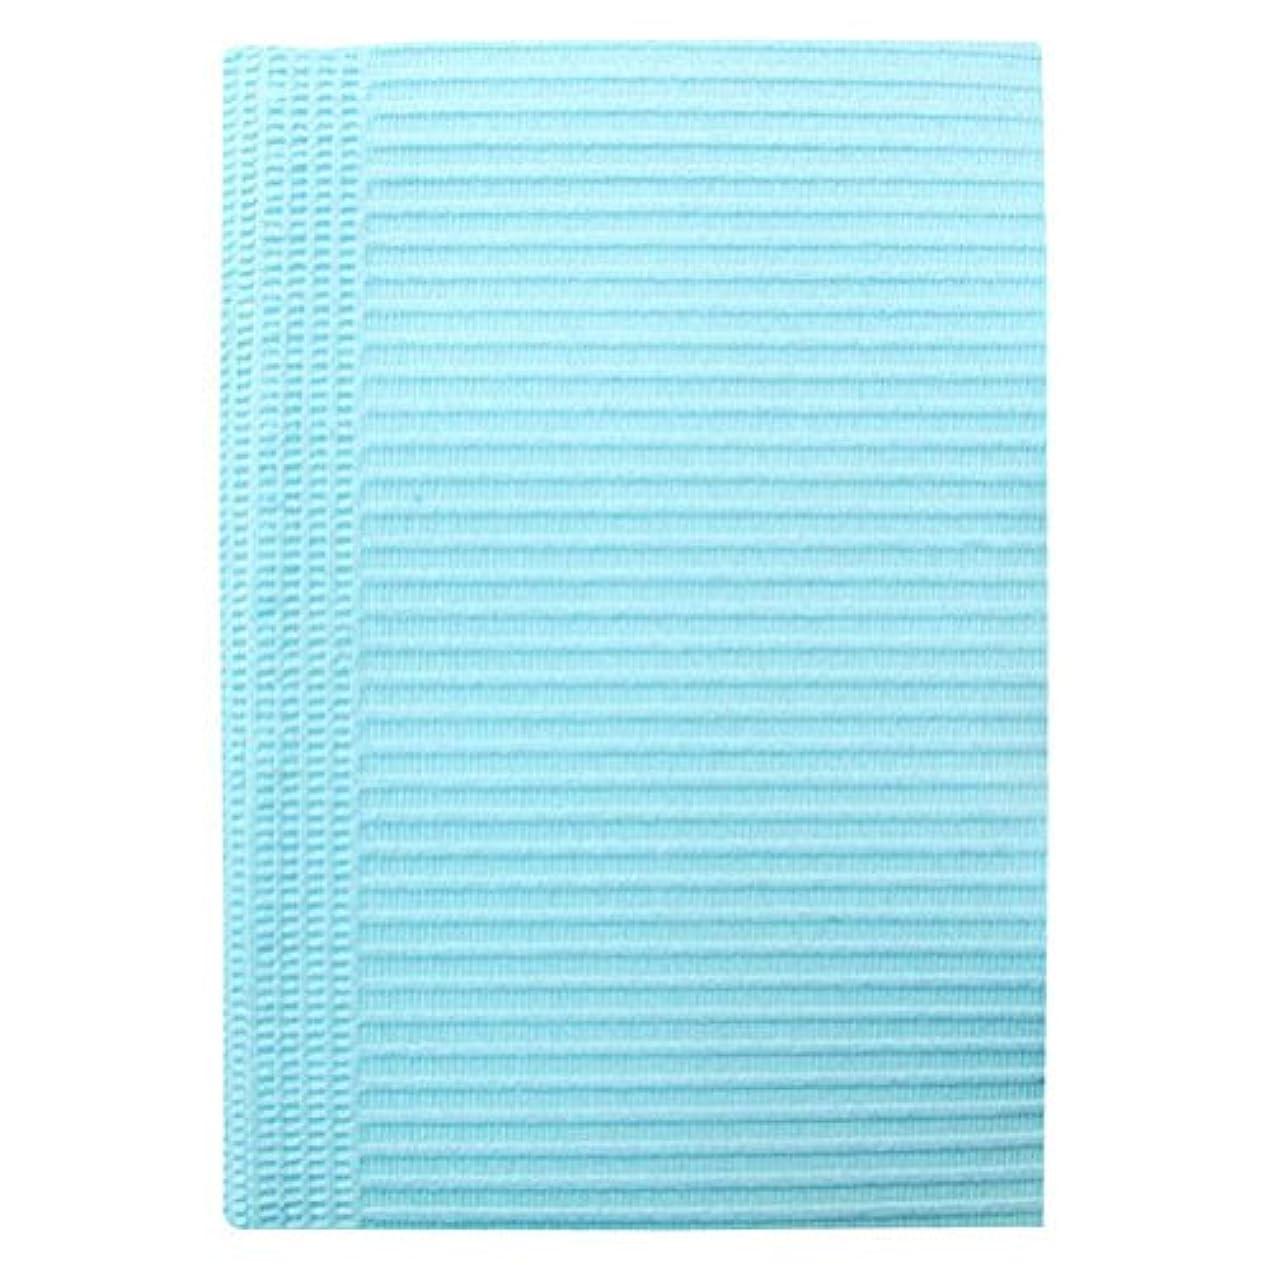 評価安価なボンドSunshineBabe サンシャインベビー ペーパーシート 50枚 ブルー